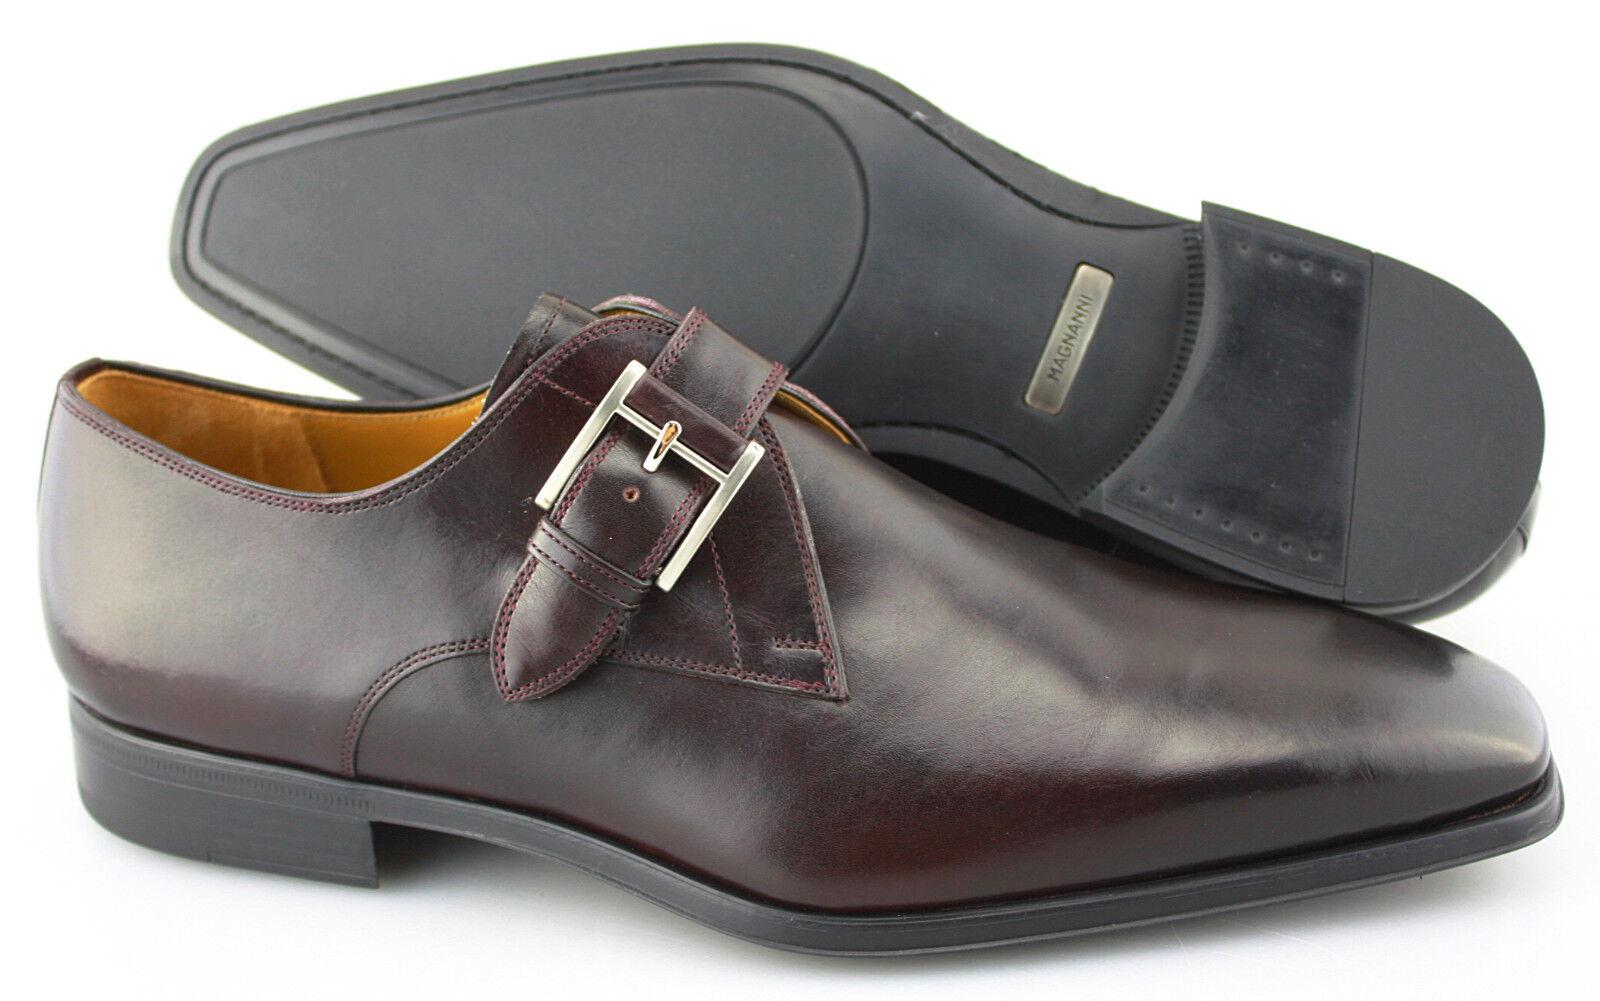 Men's MAGNANNI 'Hugo' Burgundy Leather Monk Strap Loafers Dimensione US 9.5 - D